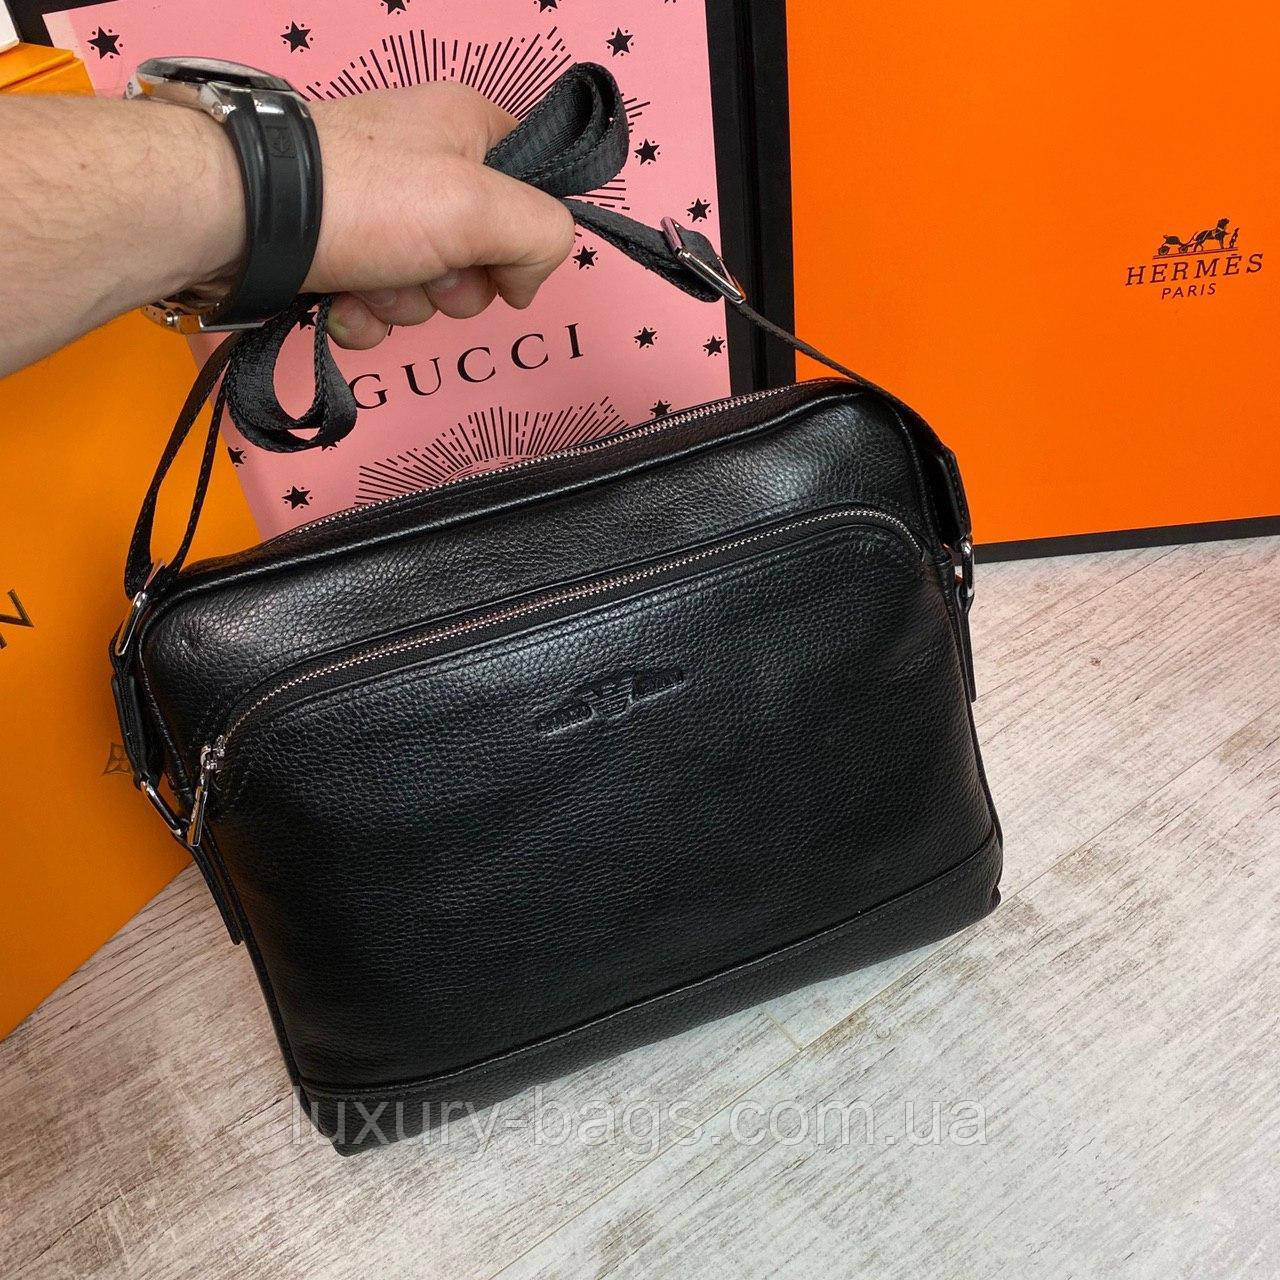 Мужская кожаная сумка Giorgio Armani формата А4